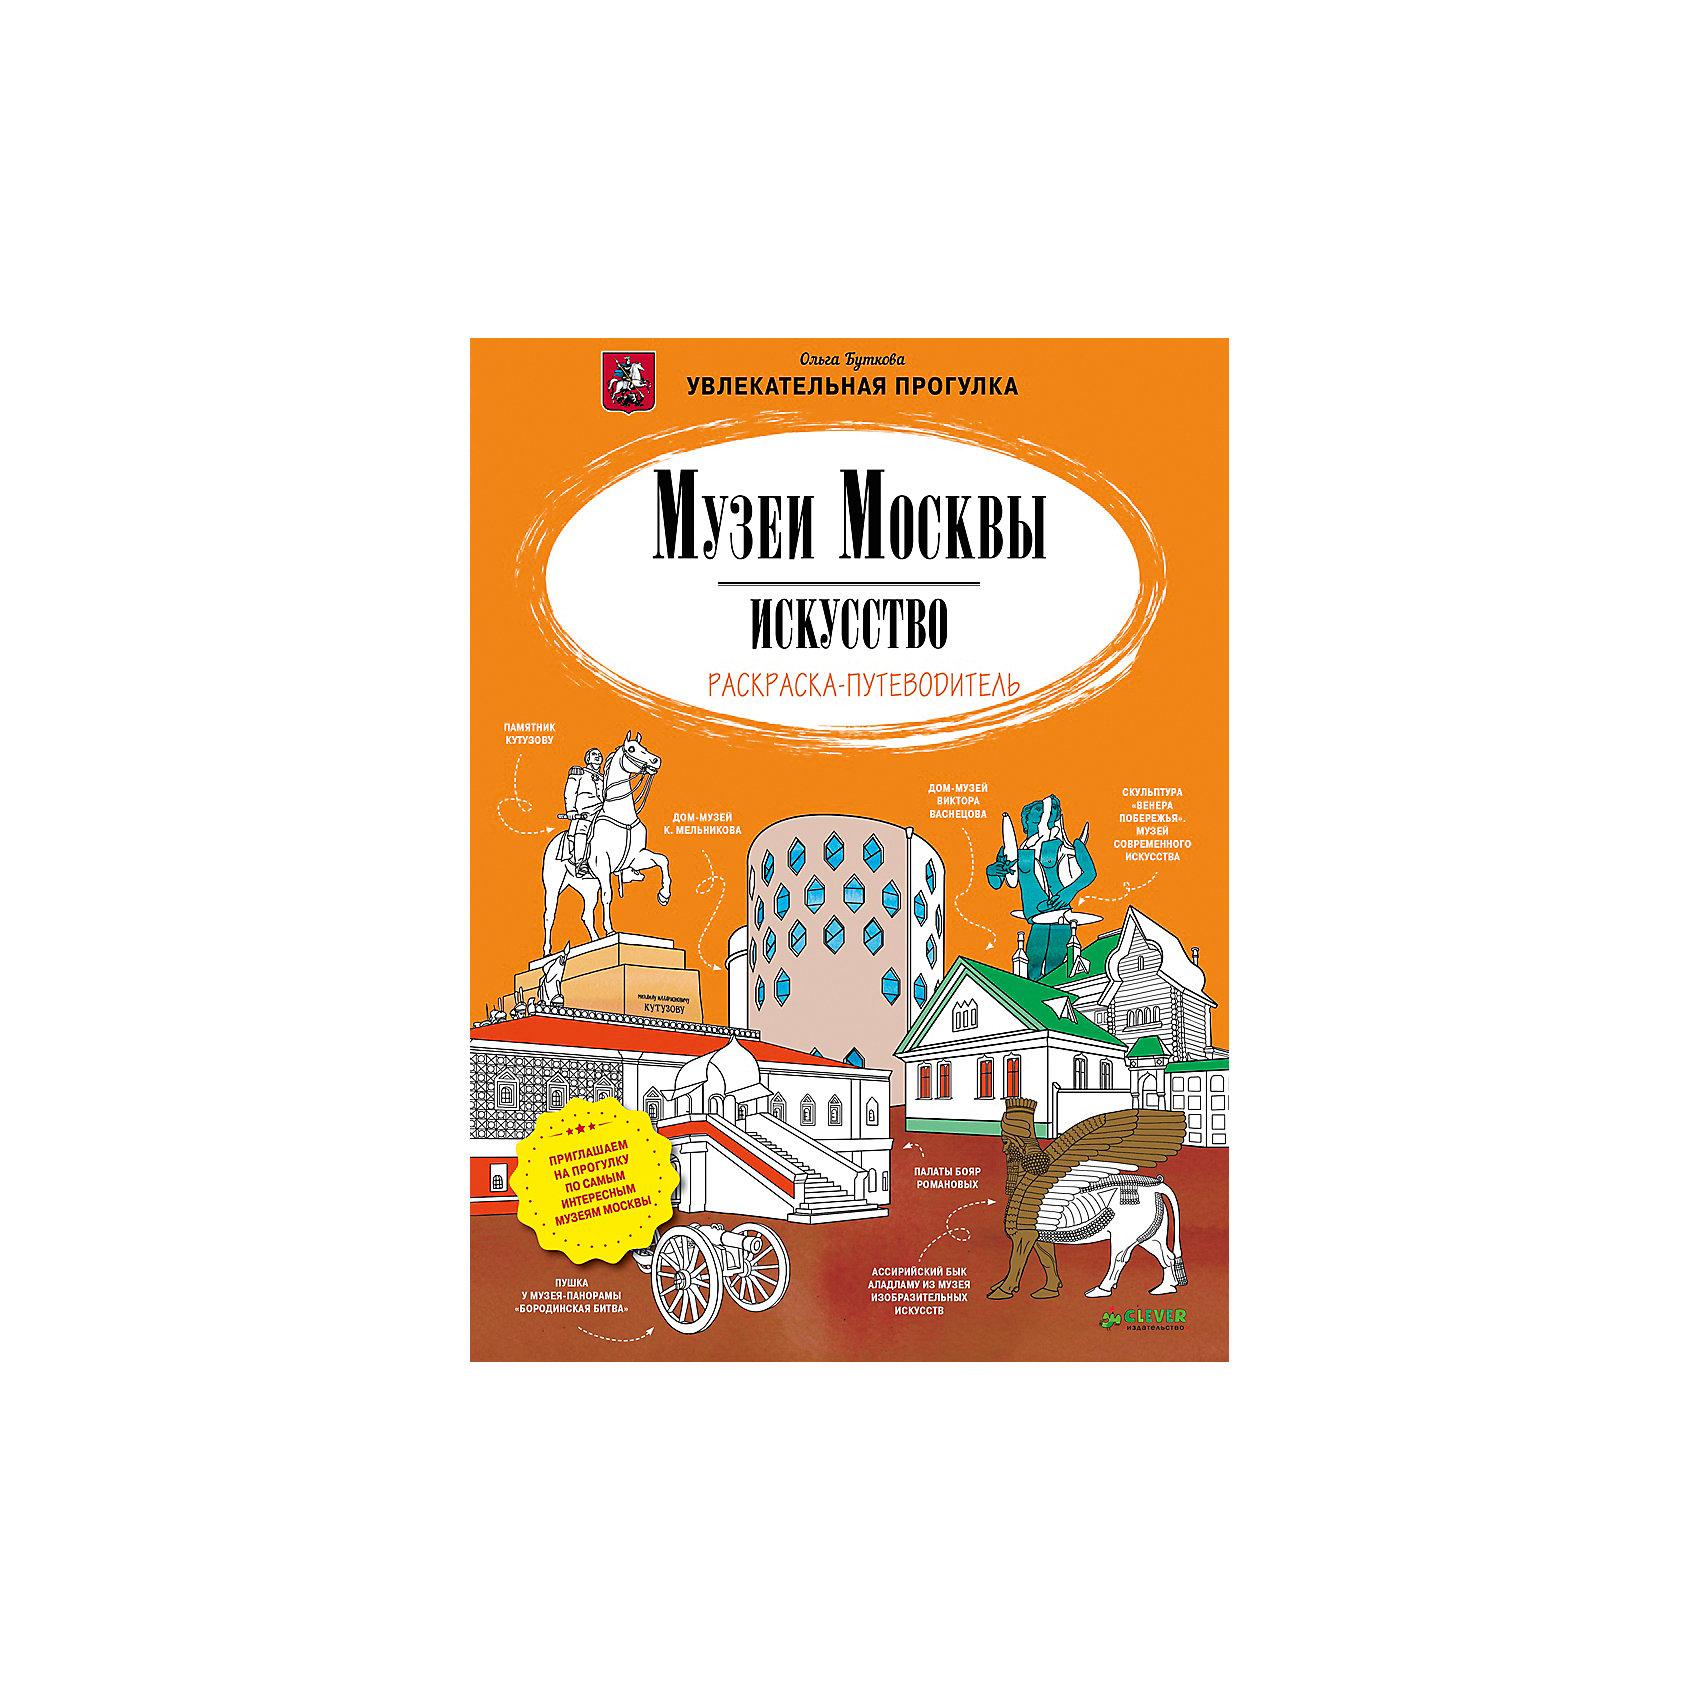 Раскраска-путеводитель Музеи Москвы, искусствоCLEVER (КЛЕВЕР)<br>В столице России можно посмотреть столько всего удивительного и интересного! Познакомить ребенка с занимательными фактами и разными красивыми местами Москвы поможет это издание. Книга очень красиво выглядит, внутри - путеводитель с разными маршрутами и рисунками для раскрашивания, поэтому издание станет отличным подарком. <br>Прогулки по маршрутам с этой книгой помогут не только весело провести время и загореться жаждой путешествий и открытий, издание подготовит ребенка к изучению истории и поможет привить интерес к знаниям. Также, раскрашивая картинки, ребенок будет развивать навыки рисования.<br><br>Дополнительная информация:<br><br>размер: 29 х 22 см;<br>страниц: 32;<br>мягкая обложка.<br><br>Раскраску-путеводитель Музеи Москвы, искусство можно купить в нашем интернет-магазине.<br><br>Ширина мм: 290<br>Глубина мм: 215<br>Высота мм: 5<br>Вес г: 200<br>Возраст от месяцев: 84<br>Возраст до месяцев: 132<br>Пол: Унисекс<br>Возраст: Детский<br>SKU: 4976232